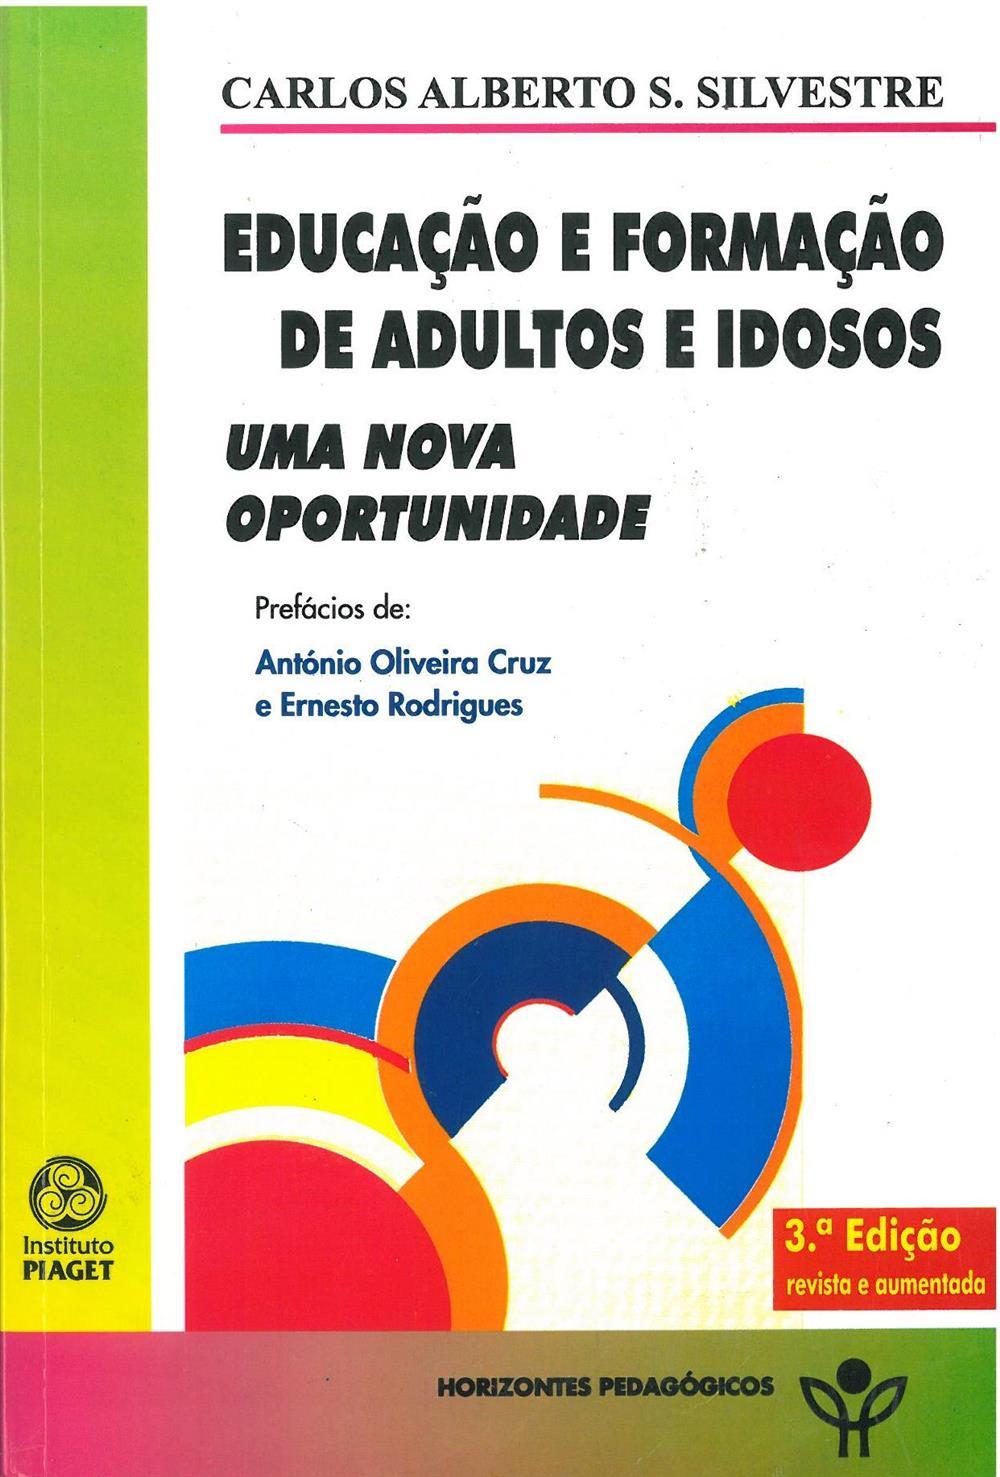 Educação e formação de adultos e idosos_.jpg